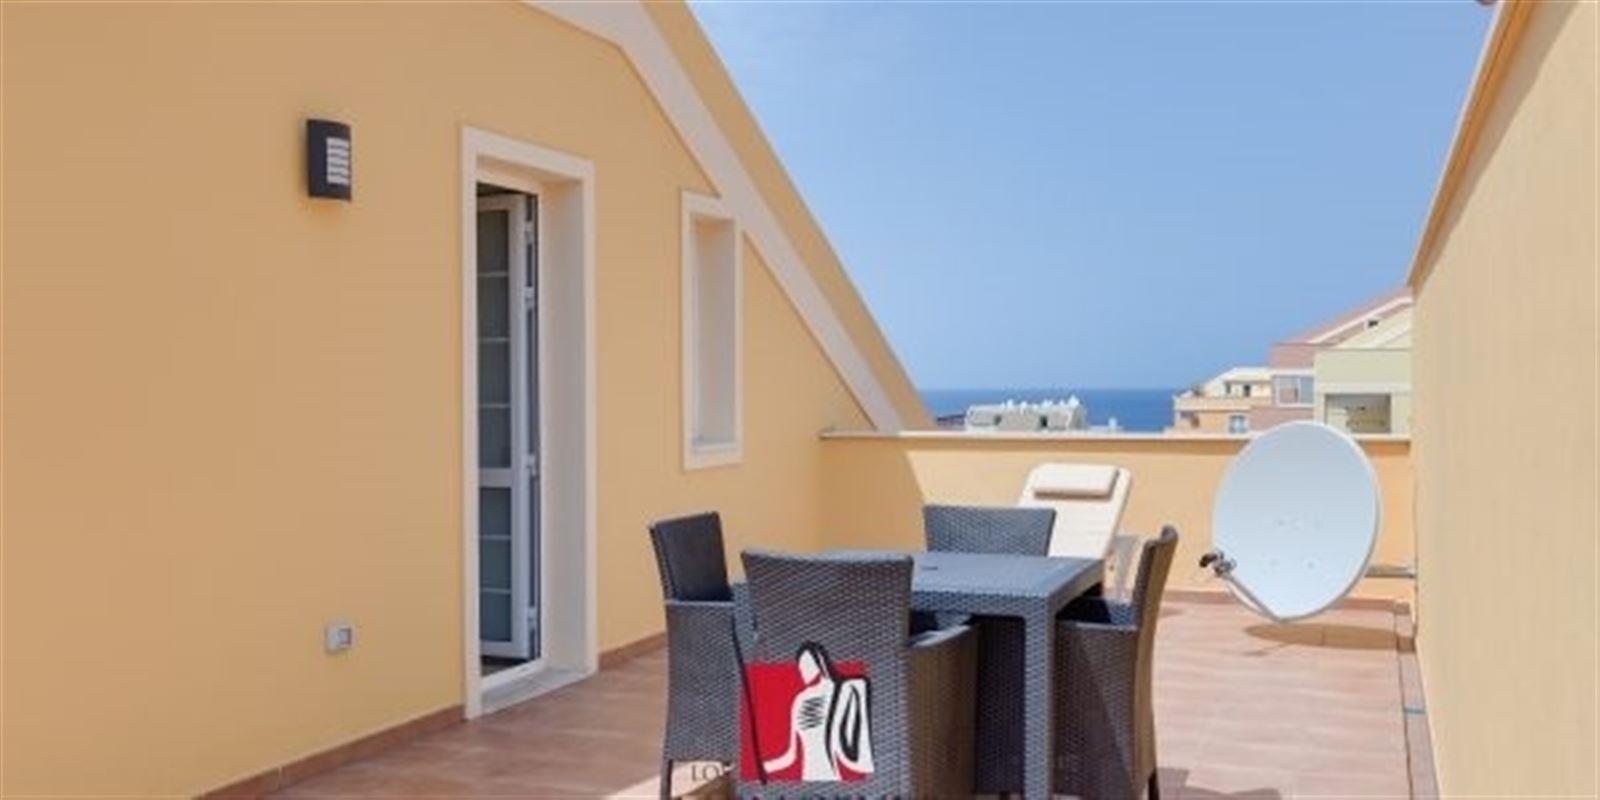 Foto 8 : Appartement te 3680 MAASEIK (België) - Prijs € 315.000